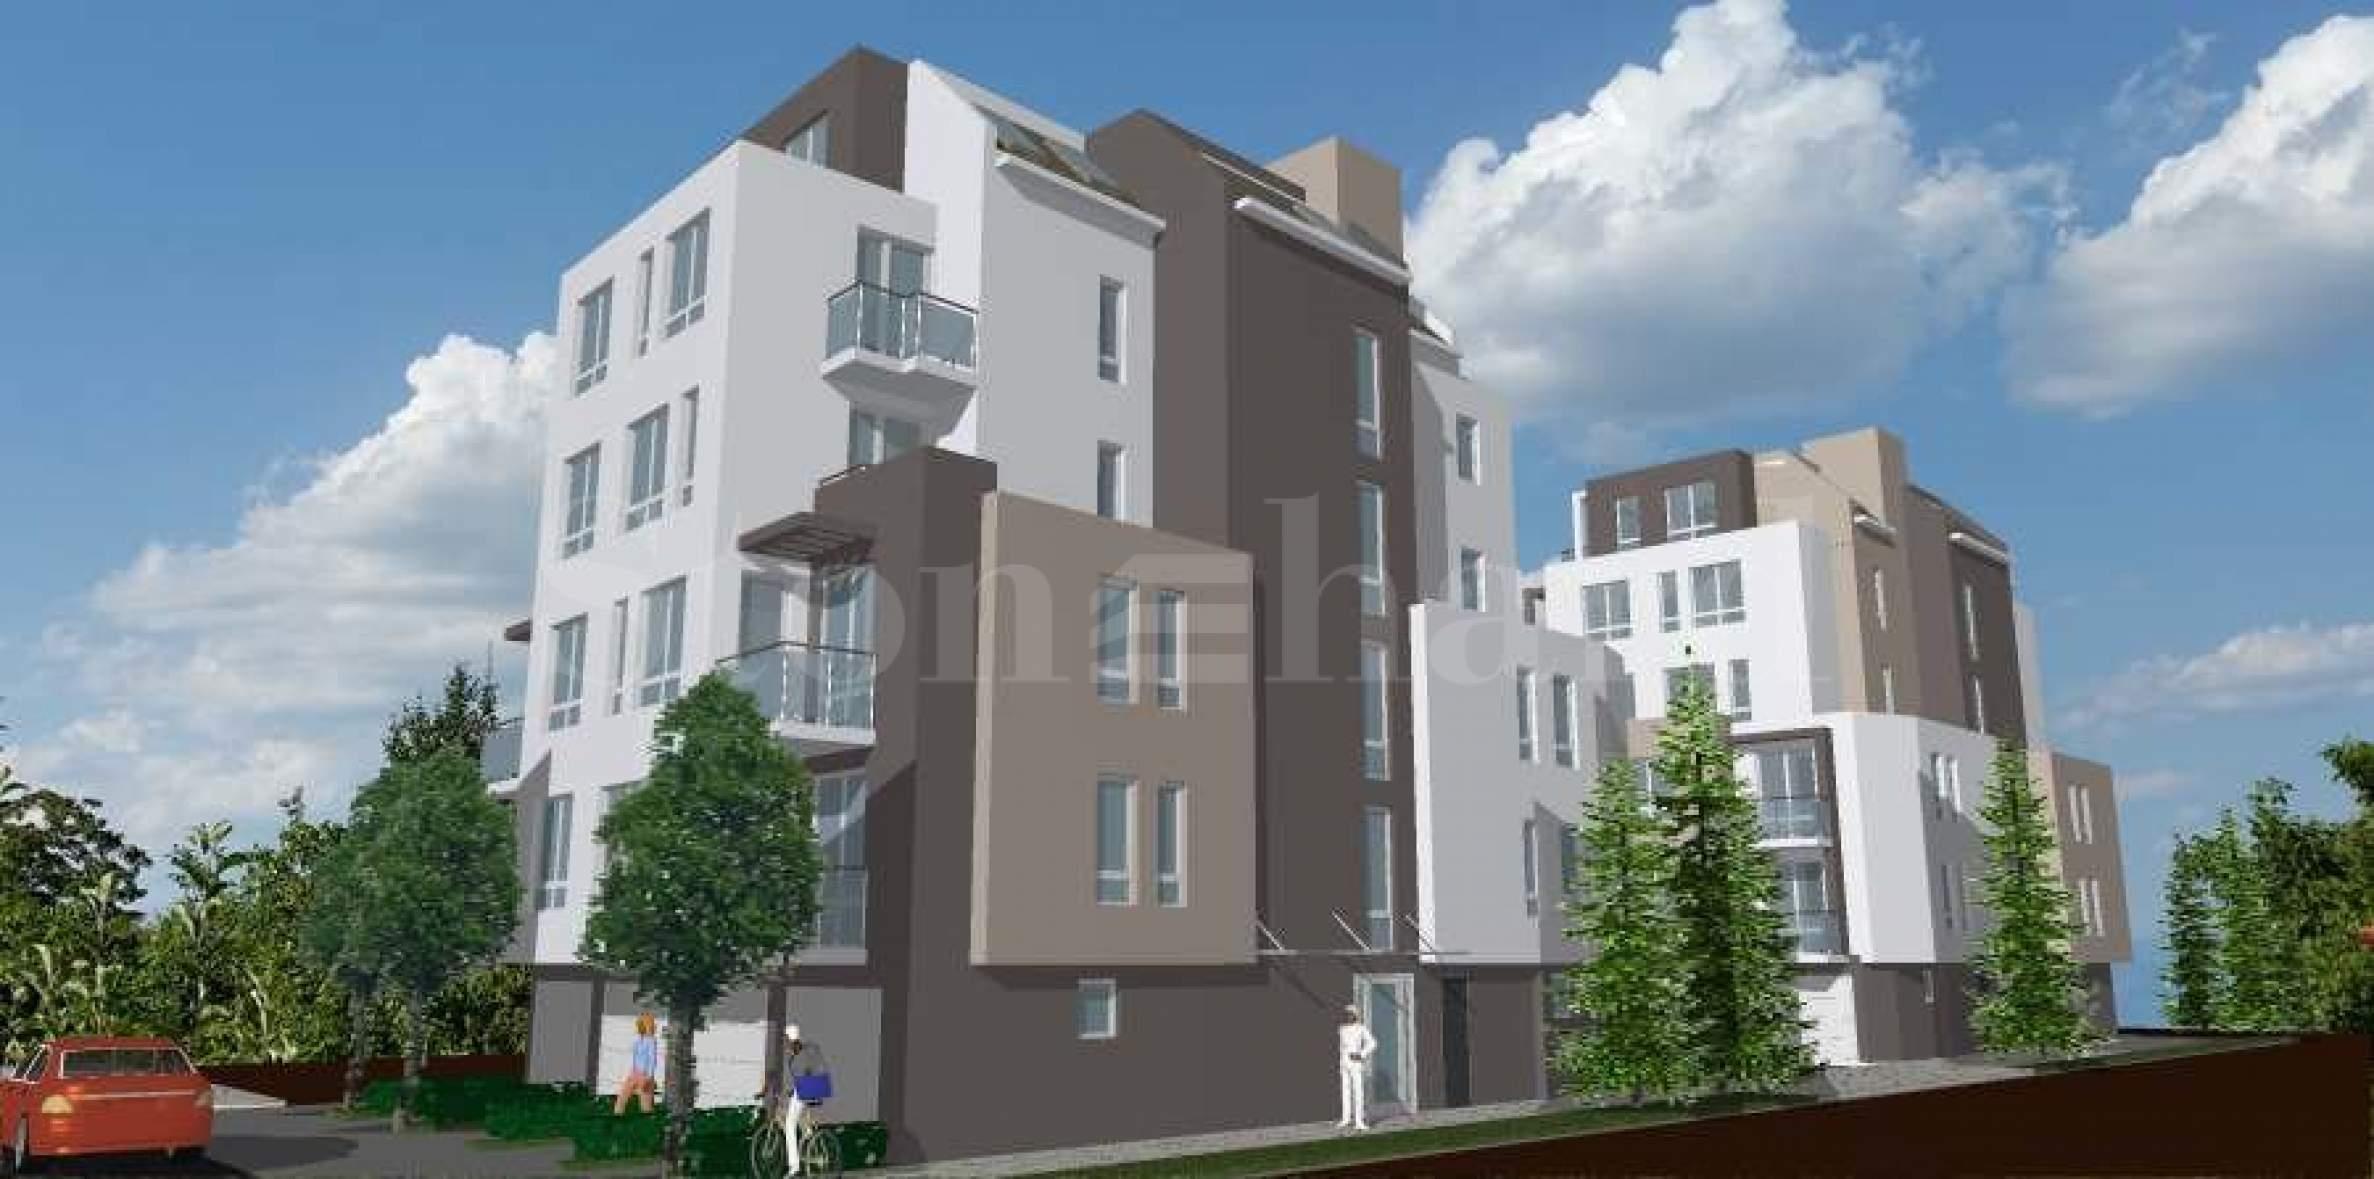 Апартаменти ново строителство в кв. Бъкстон1 - Stonehard